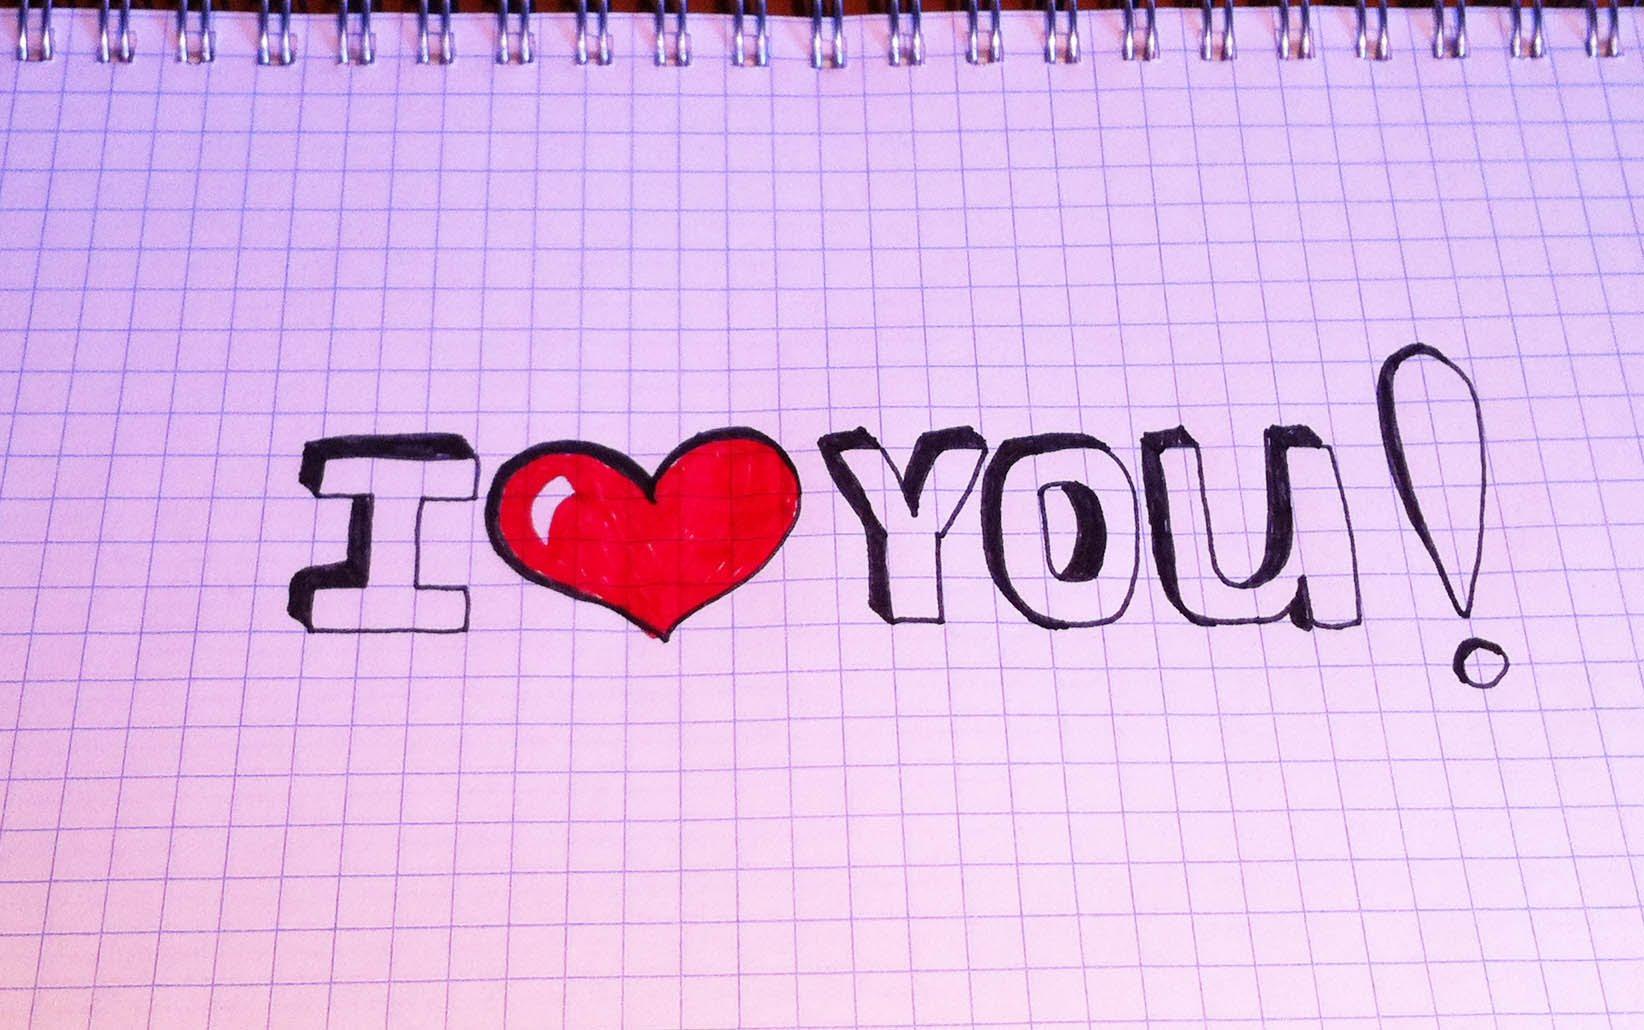 Красивые рисунки с надписями карандашом